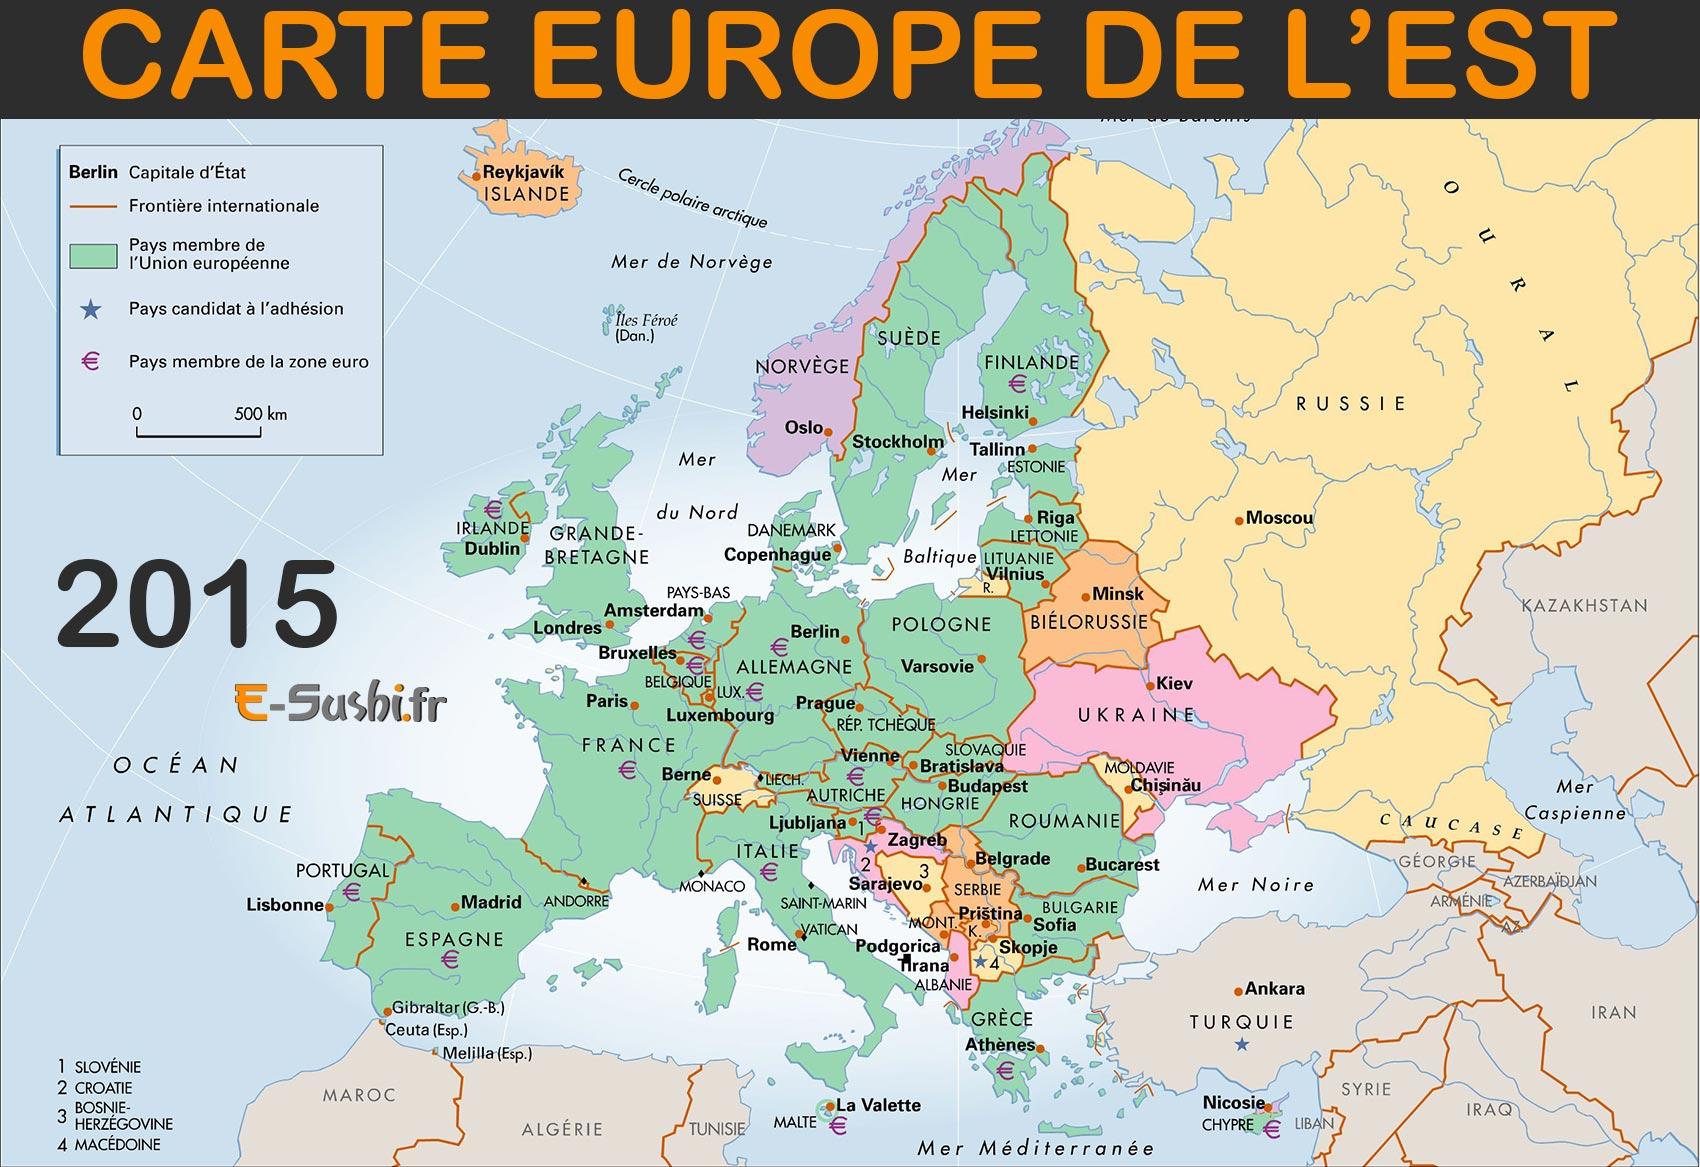 Carte Europe De L'est - Images Et Photos - Arts Et Voyages intérieur Carte Europe Capitales Et Pays